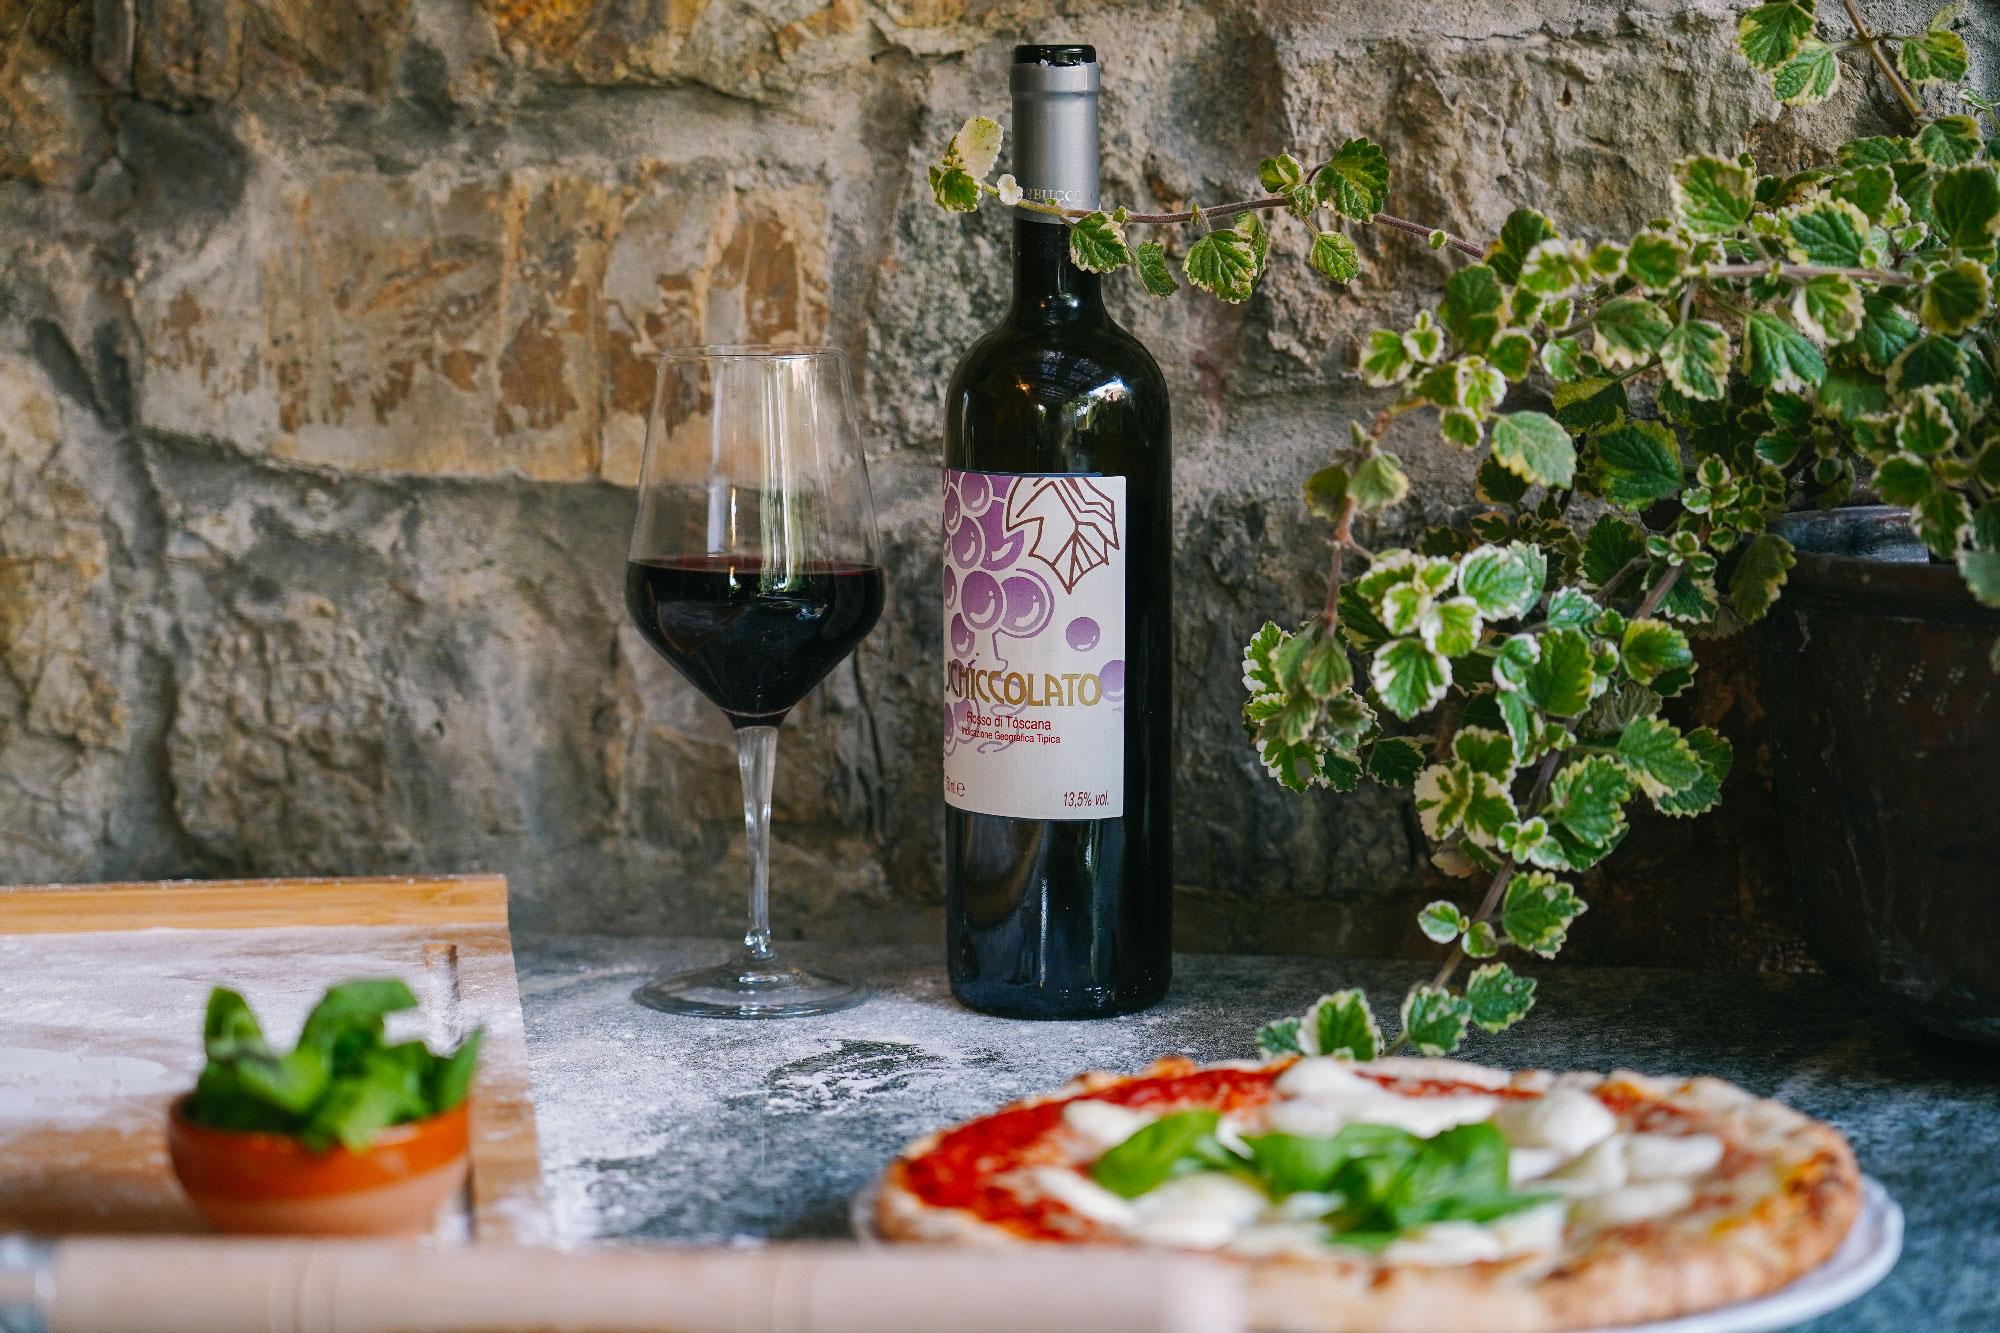 https://www.villalasciolta.it/wp-content/uploads/2019/12/vino-azienda-agricola-morelli-giugni.jpg